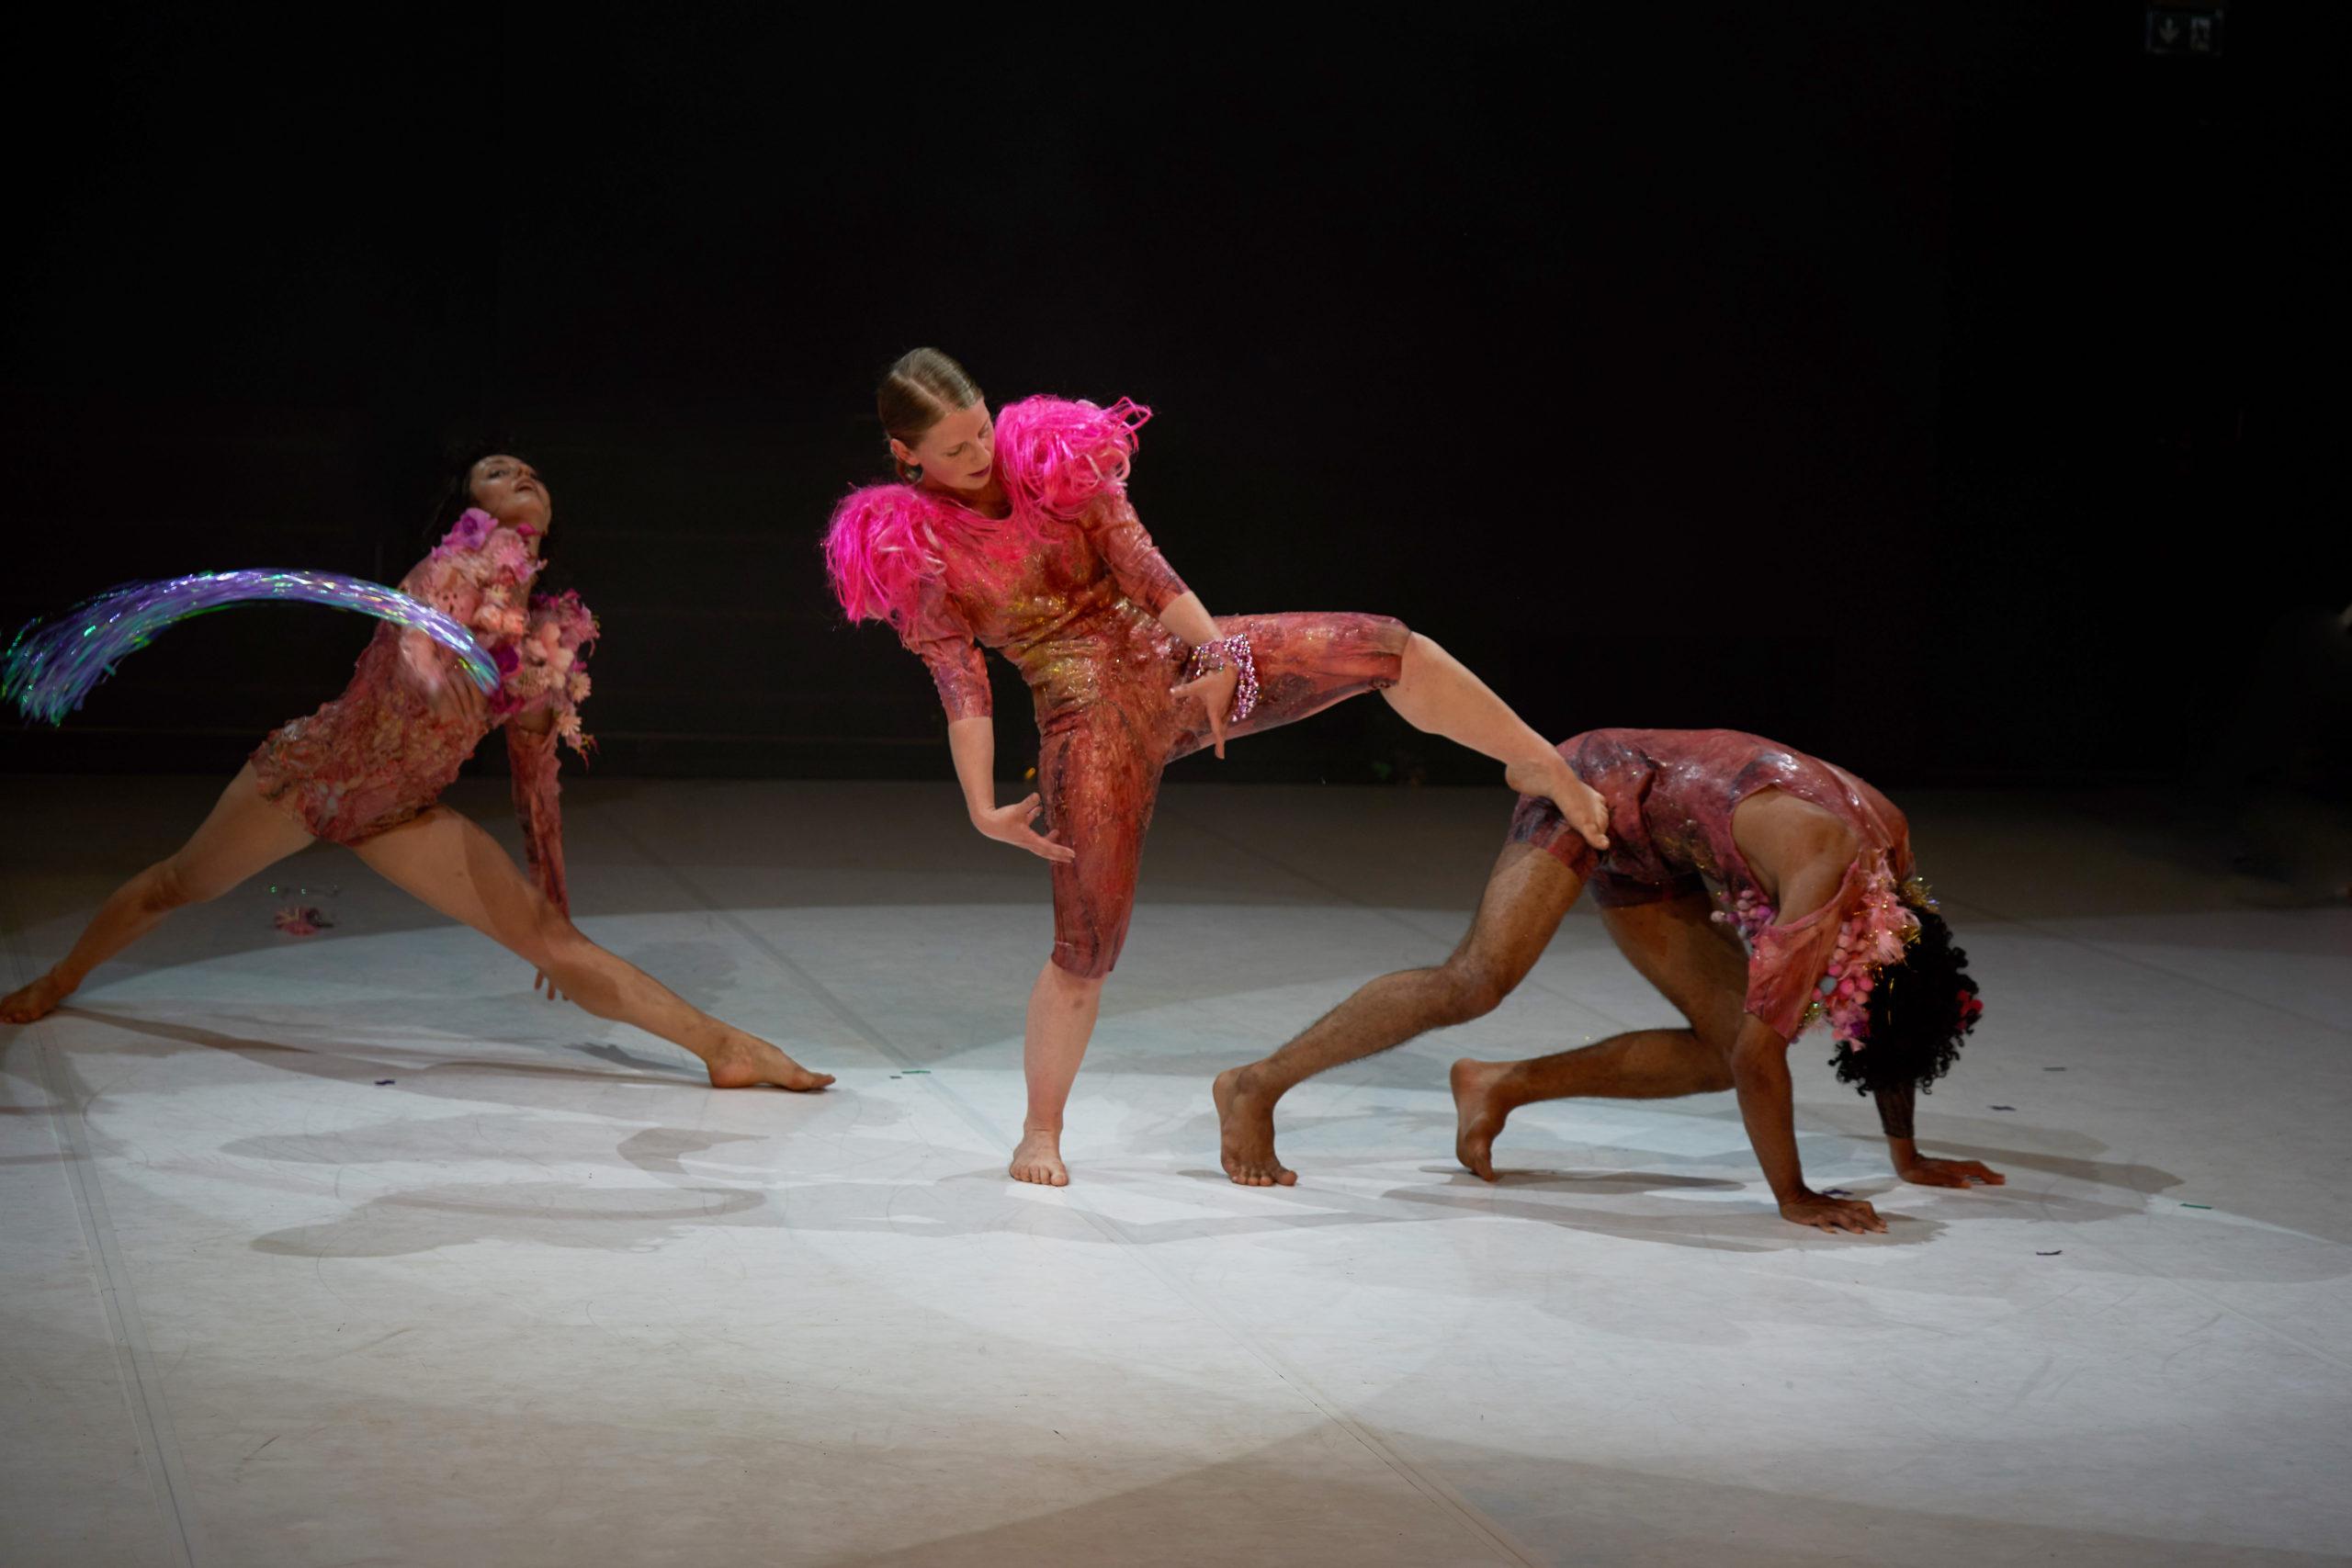 Szenenaufnahme der Forward Dance Companiy aus dem Stück JOY. Drei Tänzerinnen in rotbrauen Bodies auf der Bühne. Hellgrauer Bühnenboden, schwarzer Hintergrund. Lichtkegel über jeder Tänzerin. Die Tänzerin links steht im leichten Spagat nach vorn gebeugt, den Kopf nach hinten gelegt. Die tänzerin in der Mitte steht auf dem rechten Bein, das linke etwas angewinkelt, die Arme nach unten genommen und die Hände zueinander gedreht. Der Blick geht zur Tänzerin rechts, die auf allen vieren aussieht, als ob sie in den Startblöcken eines Sprints steht.